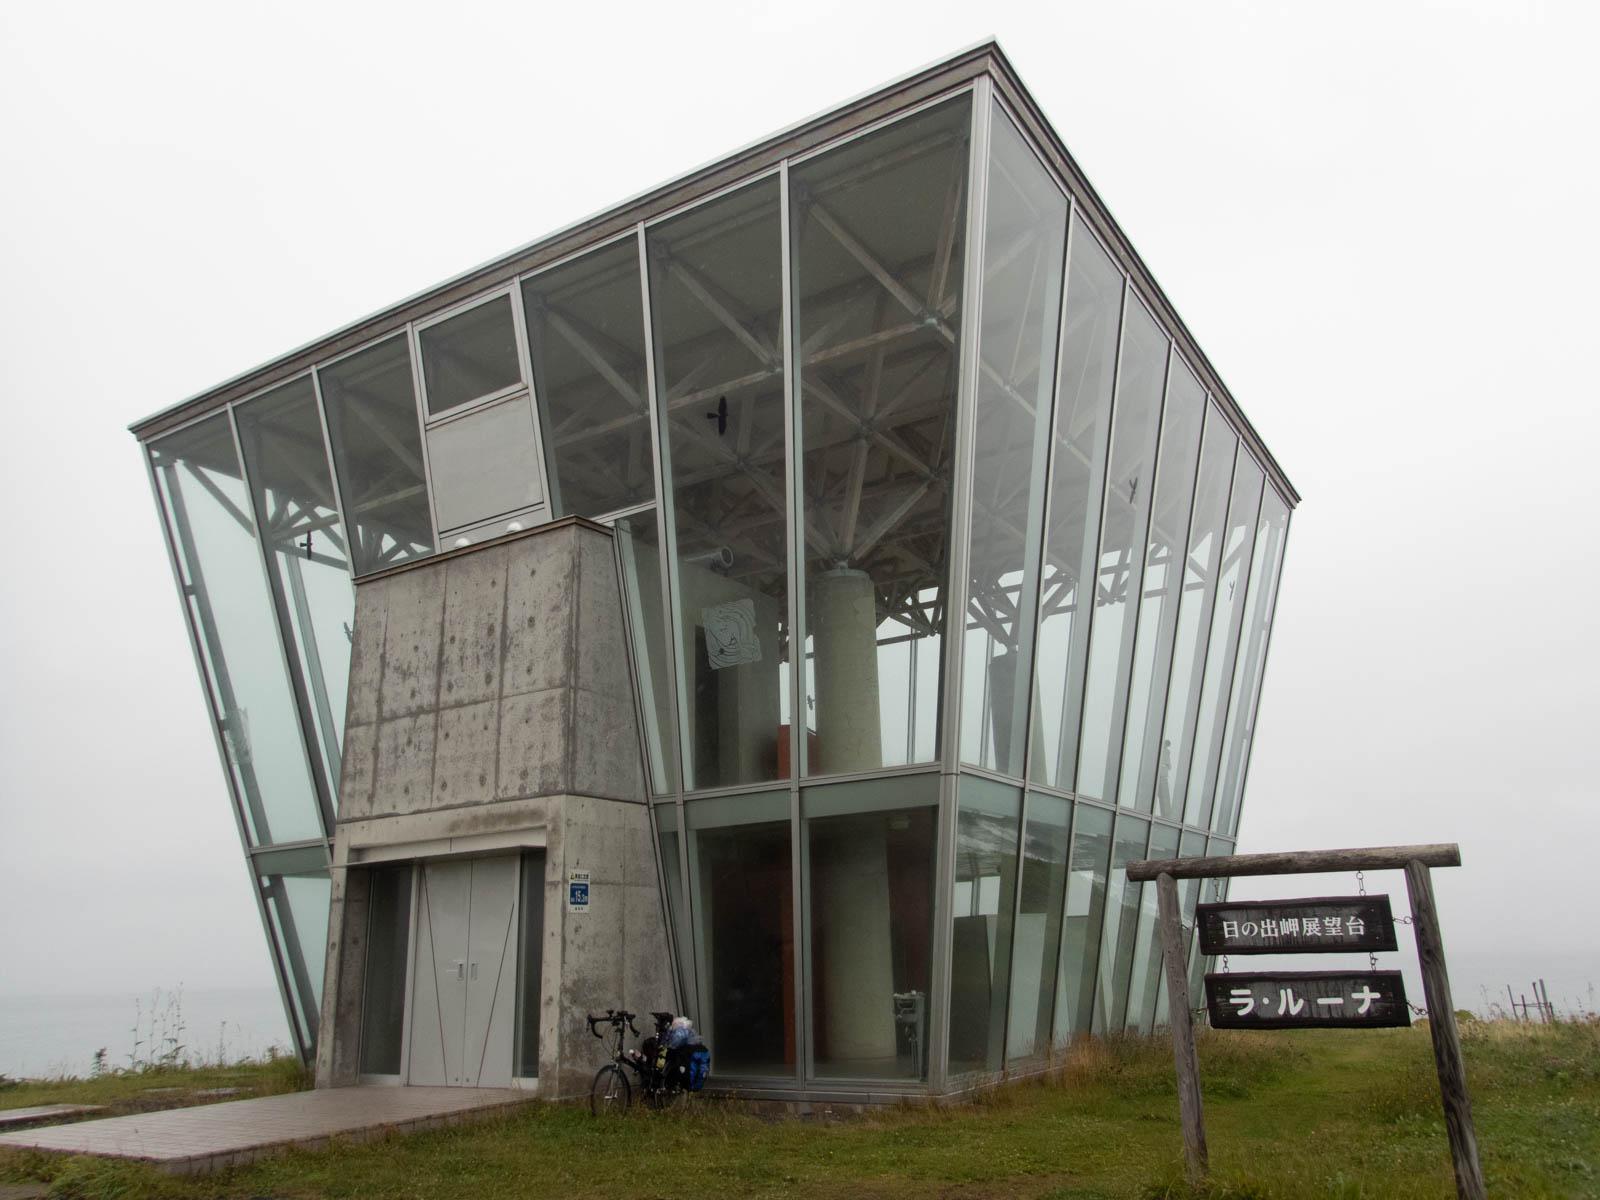 ガラス張りの立派な展望台